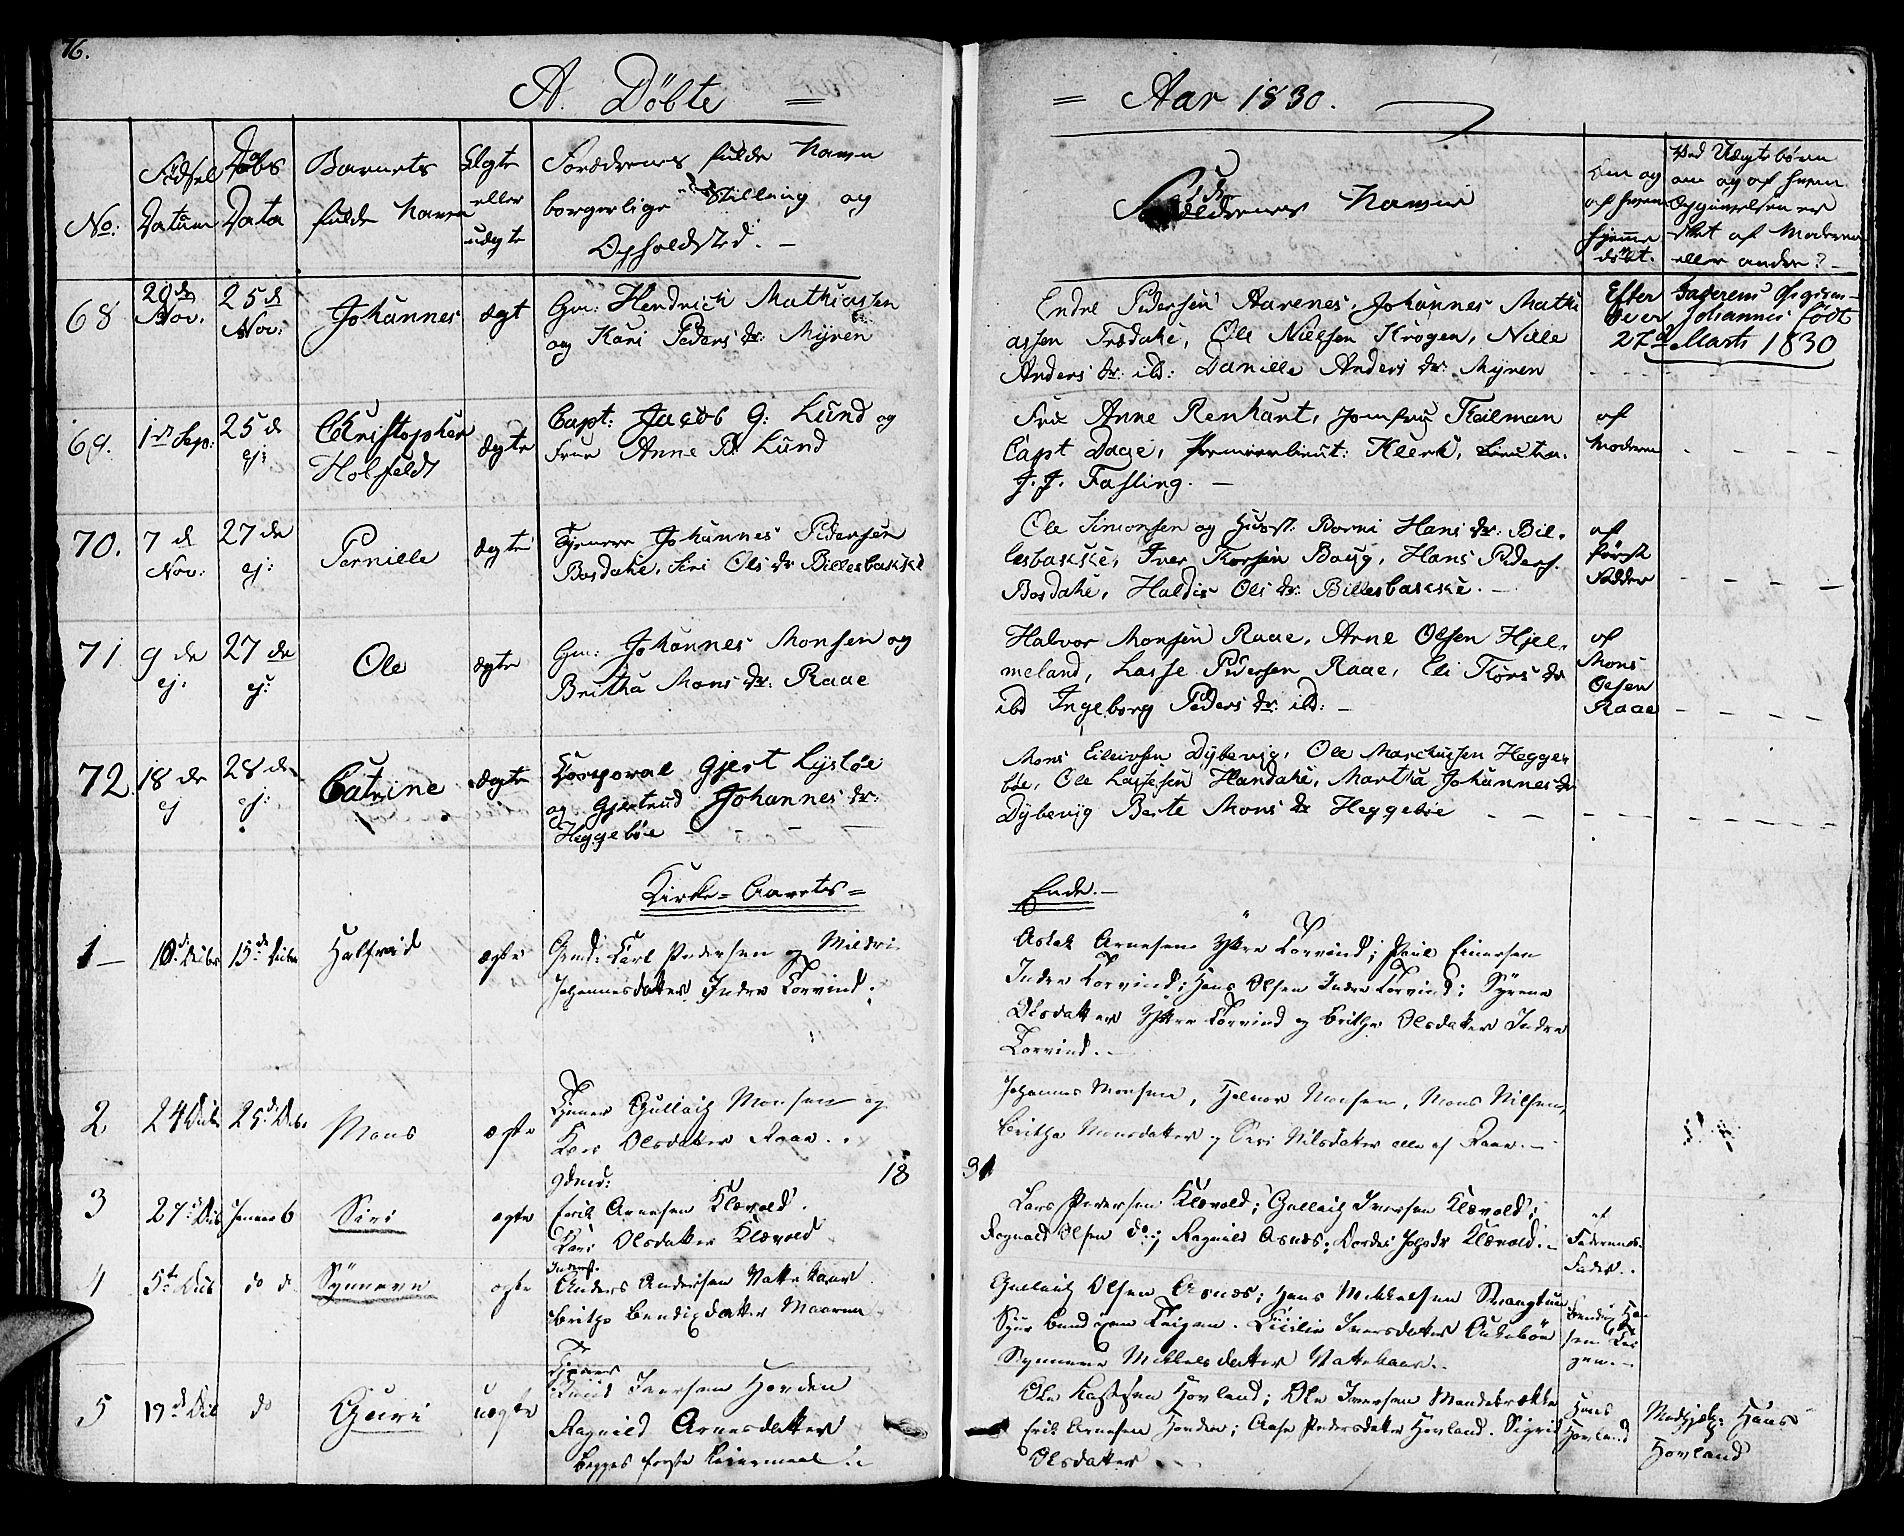 SAB, Lavik sokneprestembete, Ministerialbok nr. A 2I, 1821-1842, s. 76